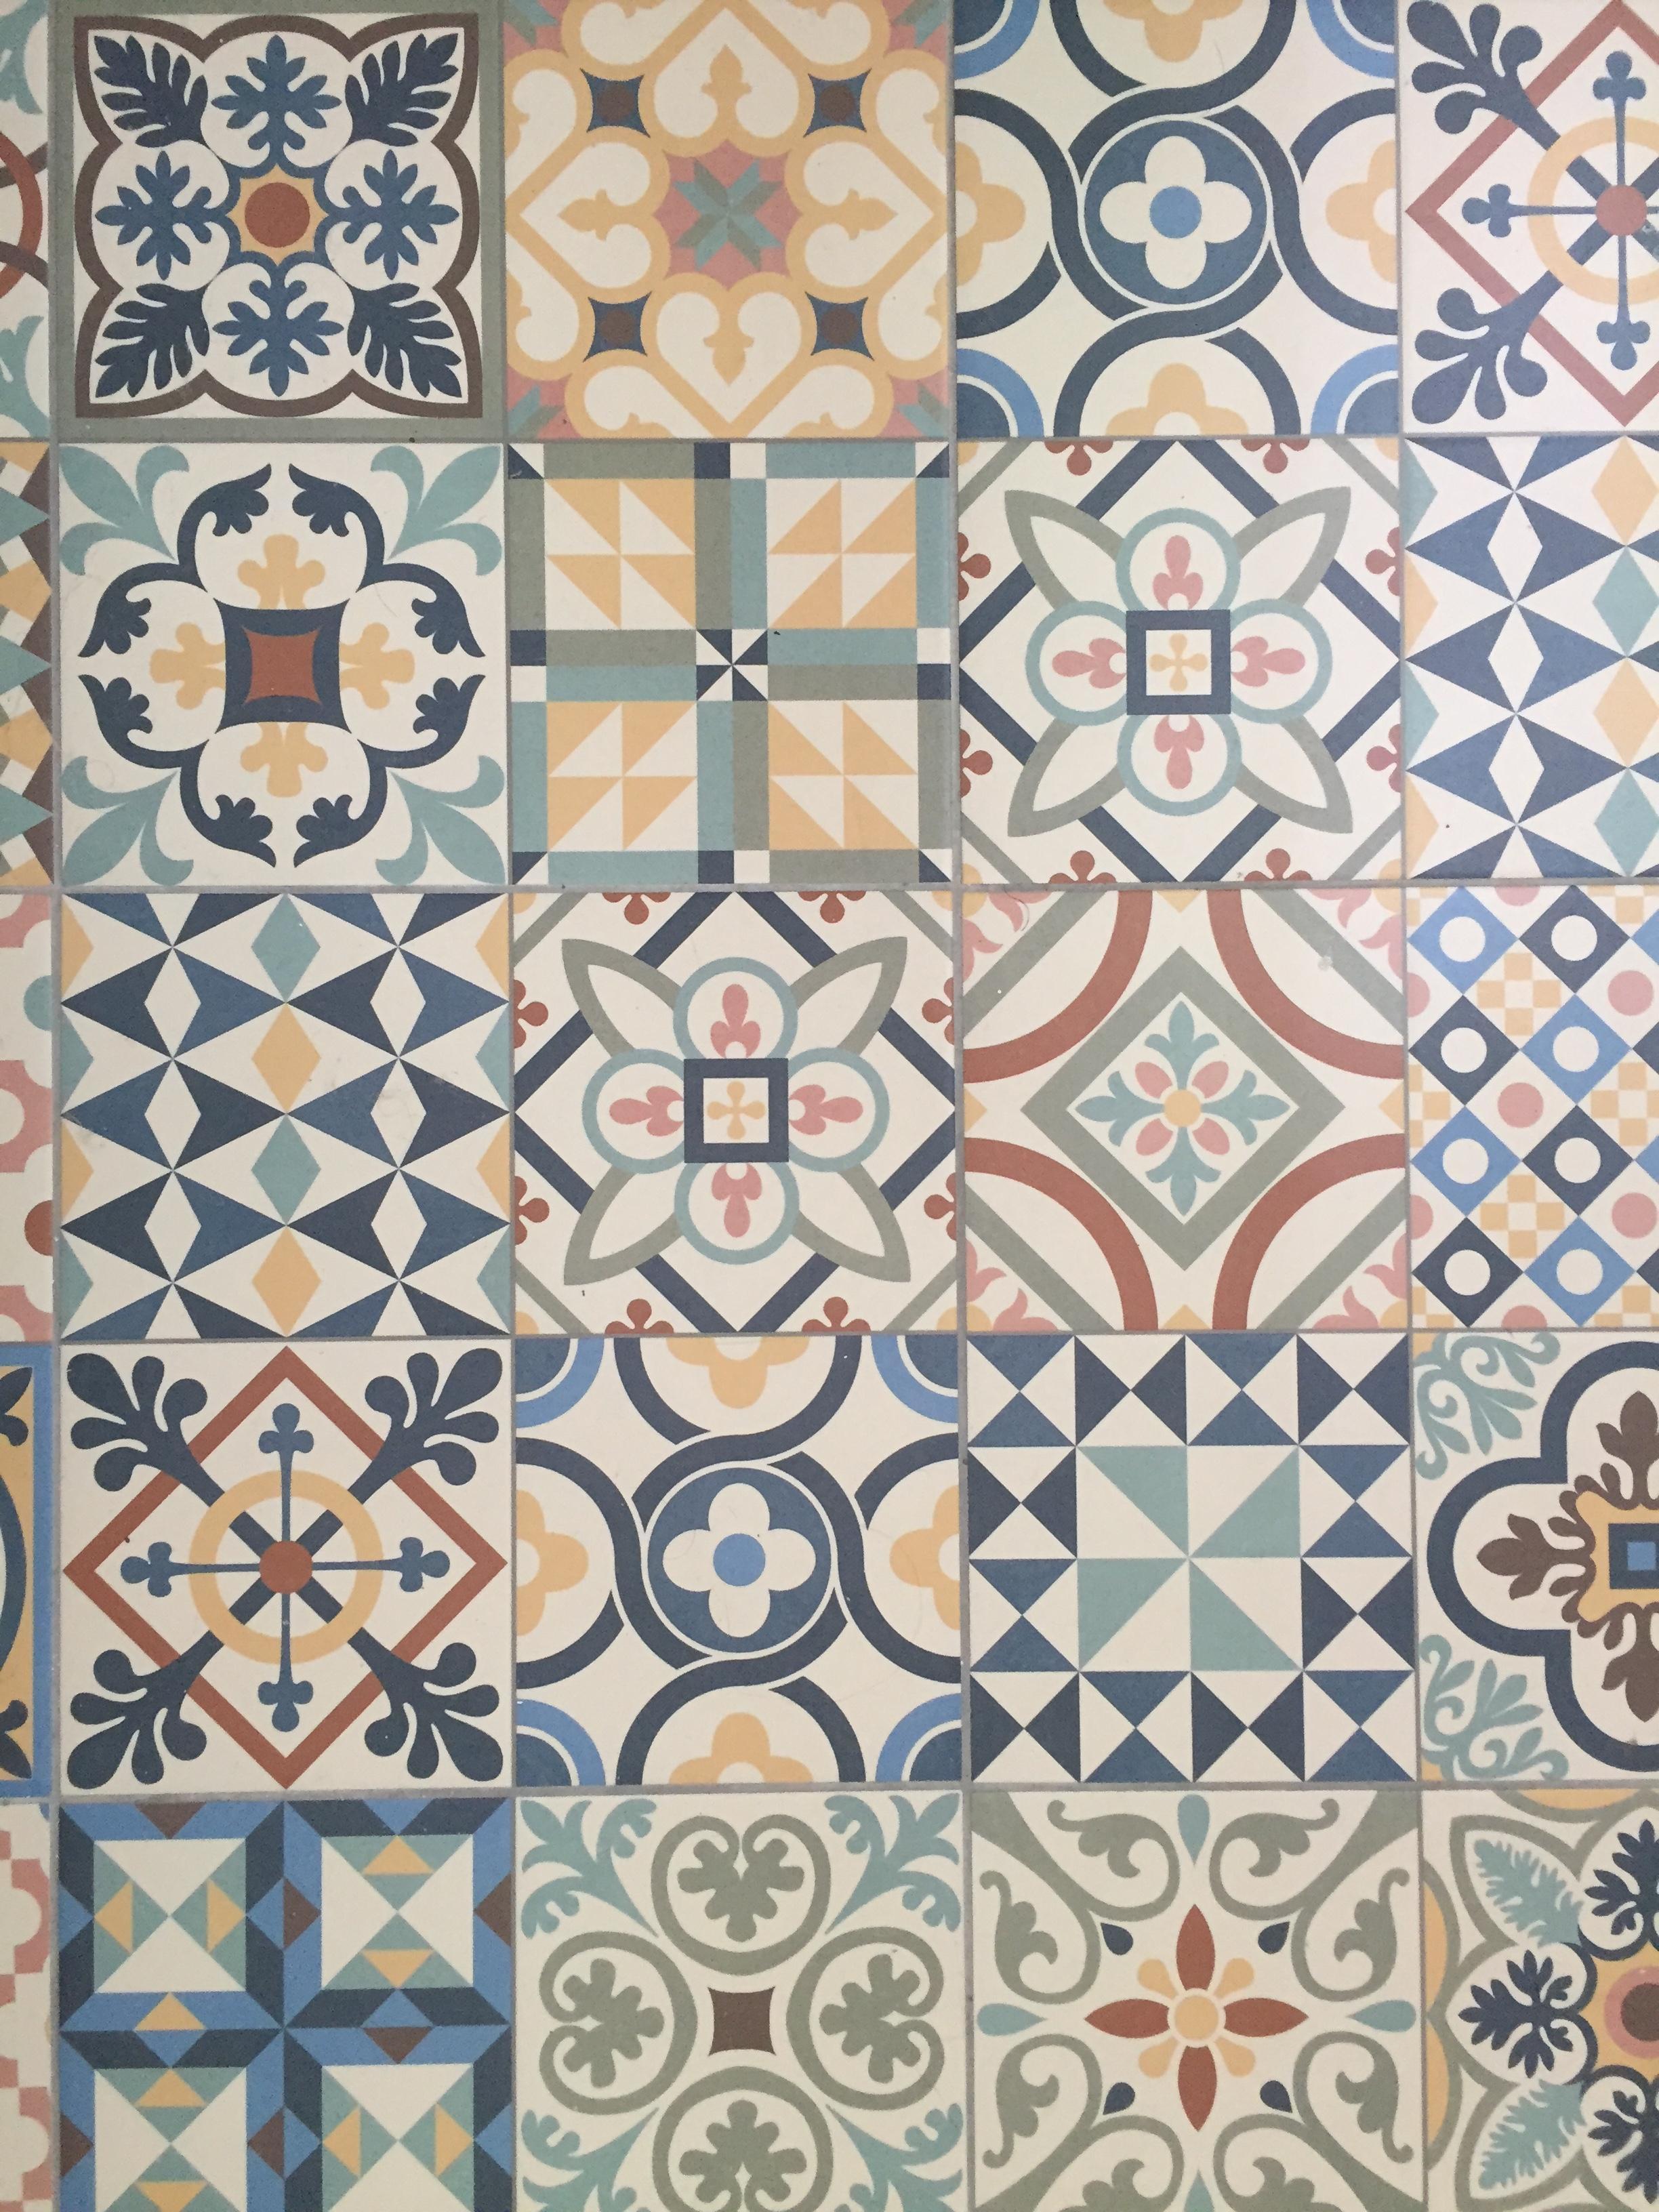 Fesselnd In Lissabon Findet Man Eine Unglaublich Schöne Auswahl An Fliesen. Was  Meint Ihr Zu Dieser